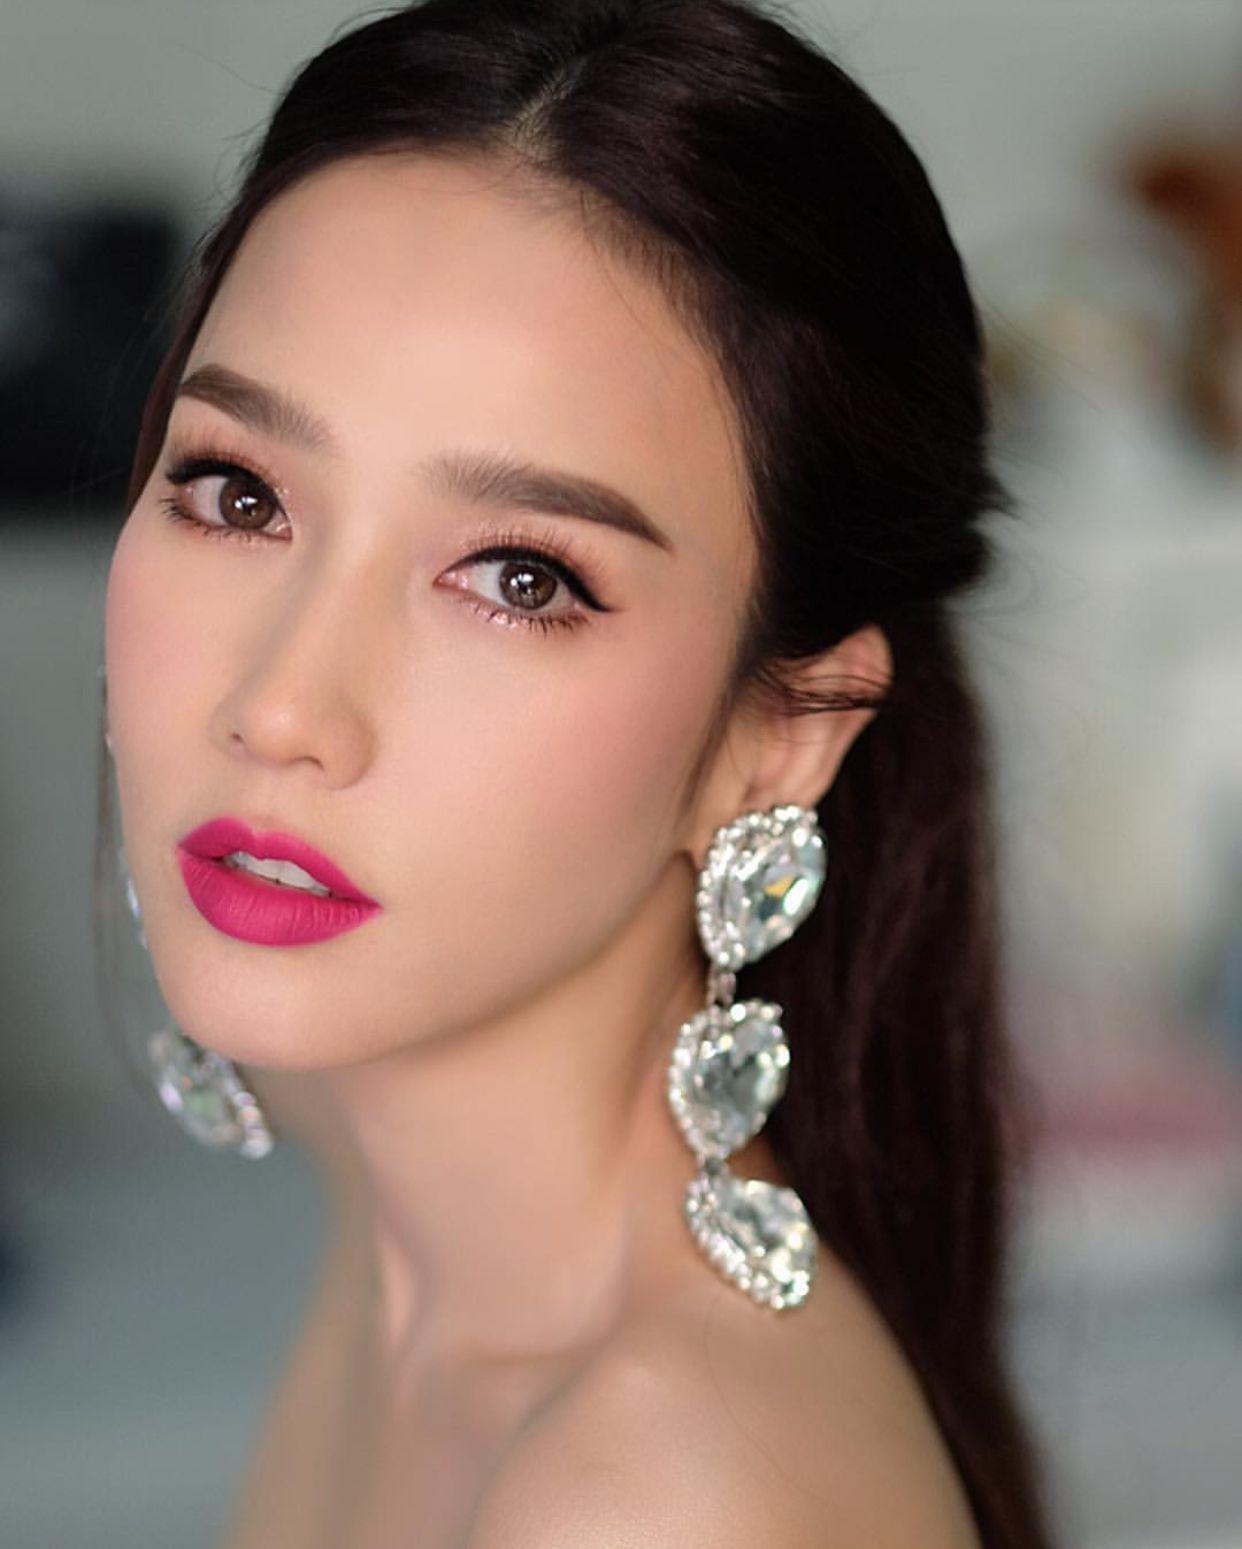 10 mỹ nhân Thái Lan sở hữu khung xương mặt ấn tượng và nổi bật nhất (30)